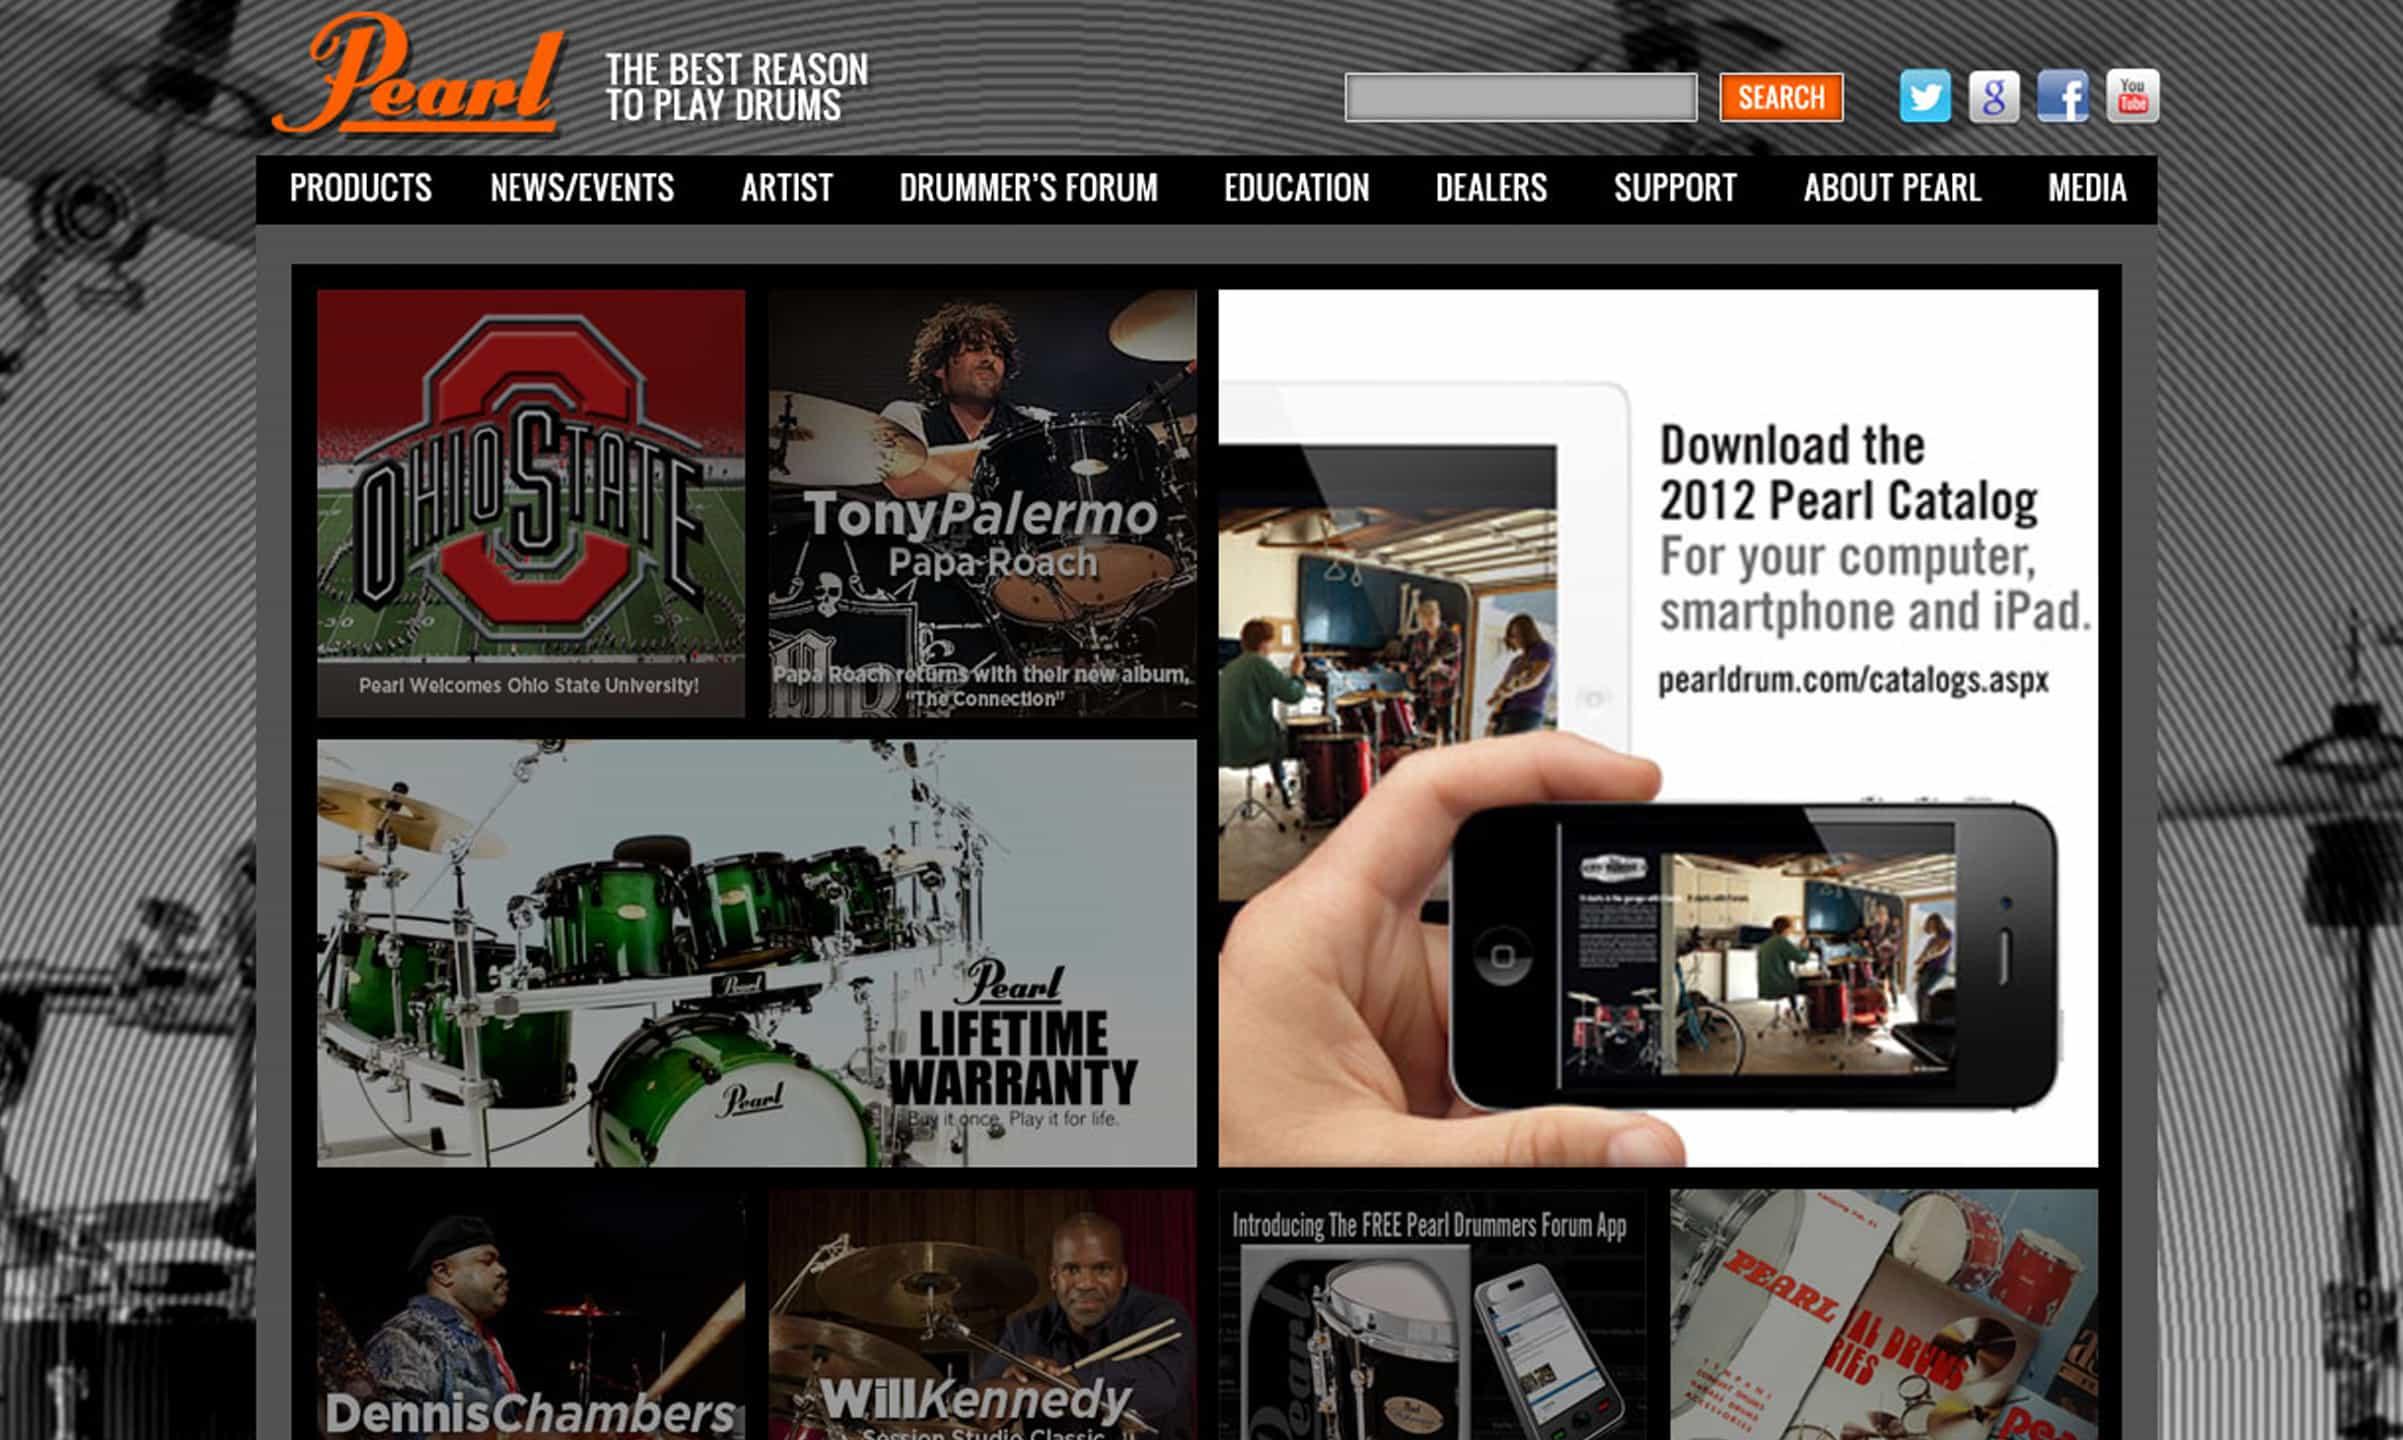 Pearl Drum - Web Design